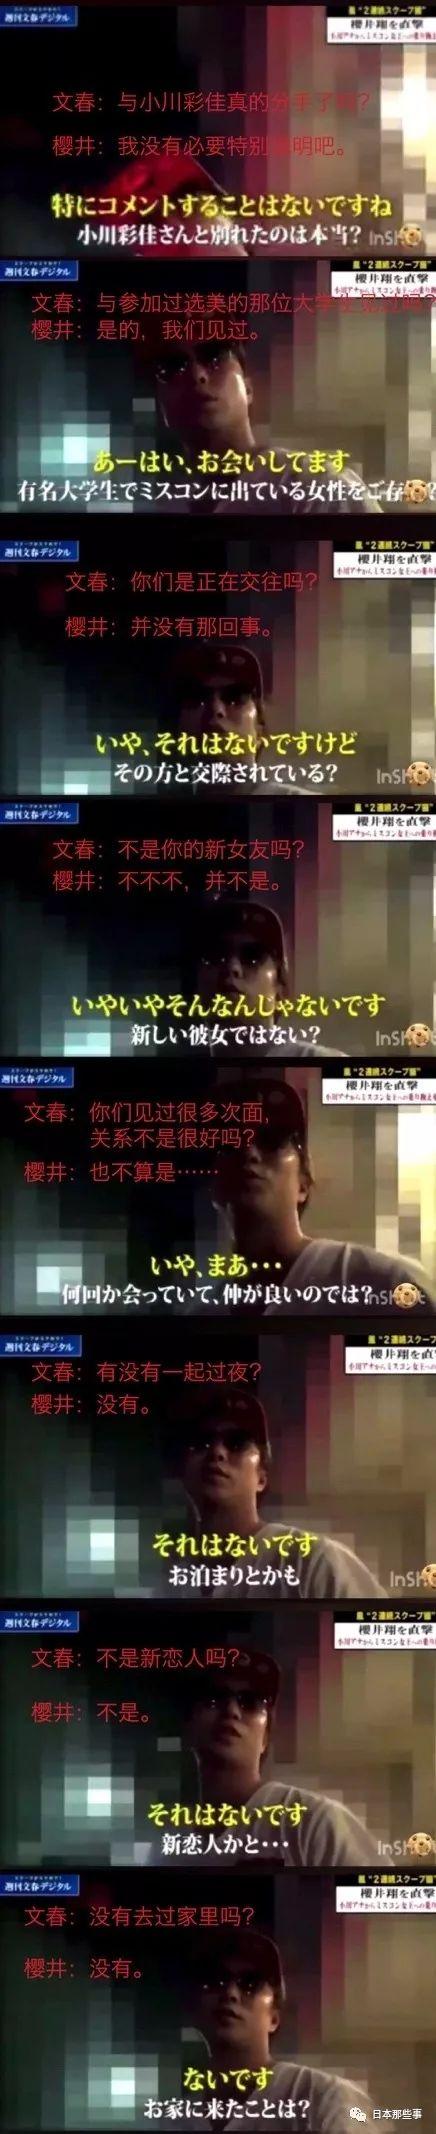 被偷拍还这么礼貌应对 日本爱豆专业素养名不虚传